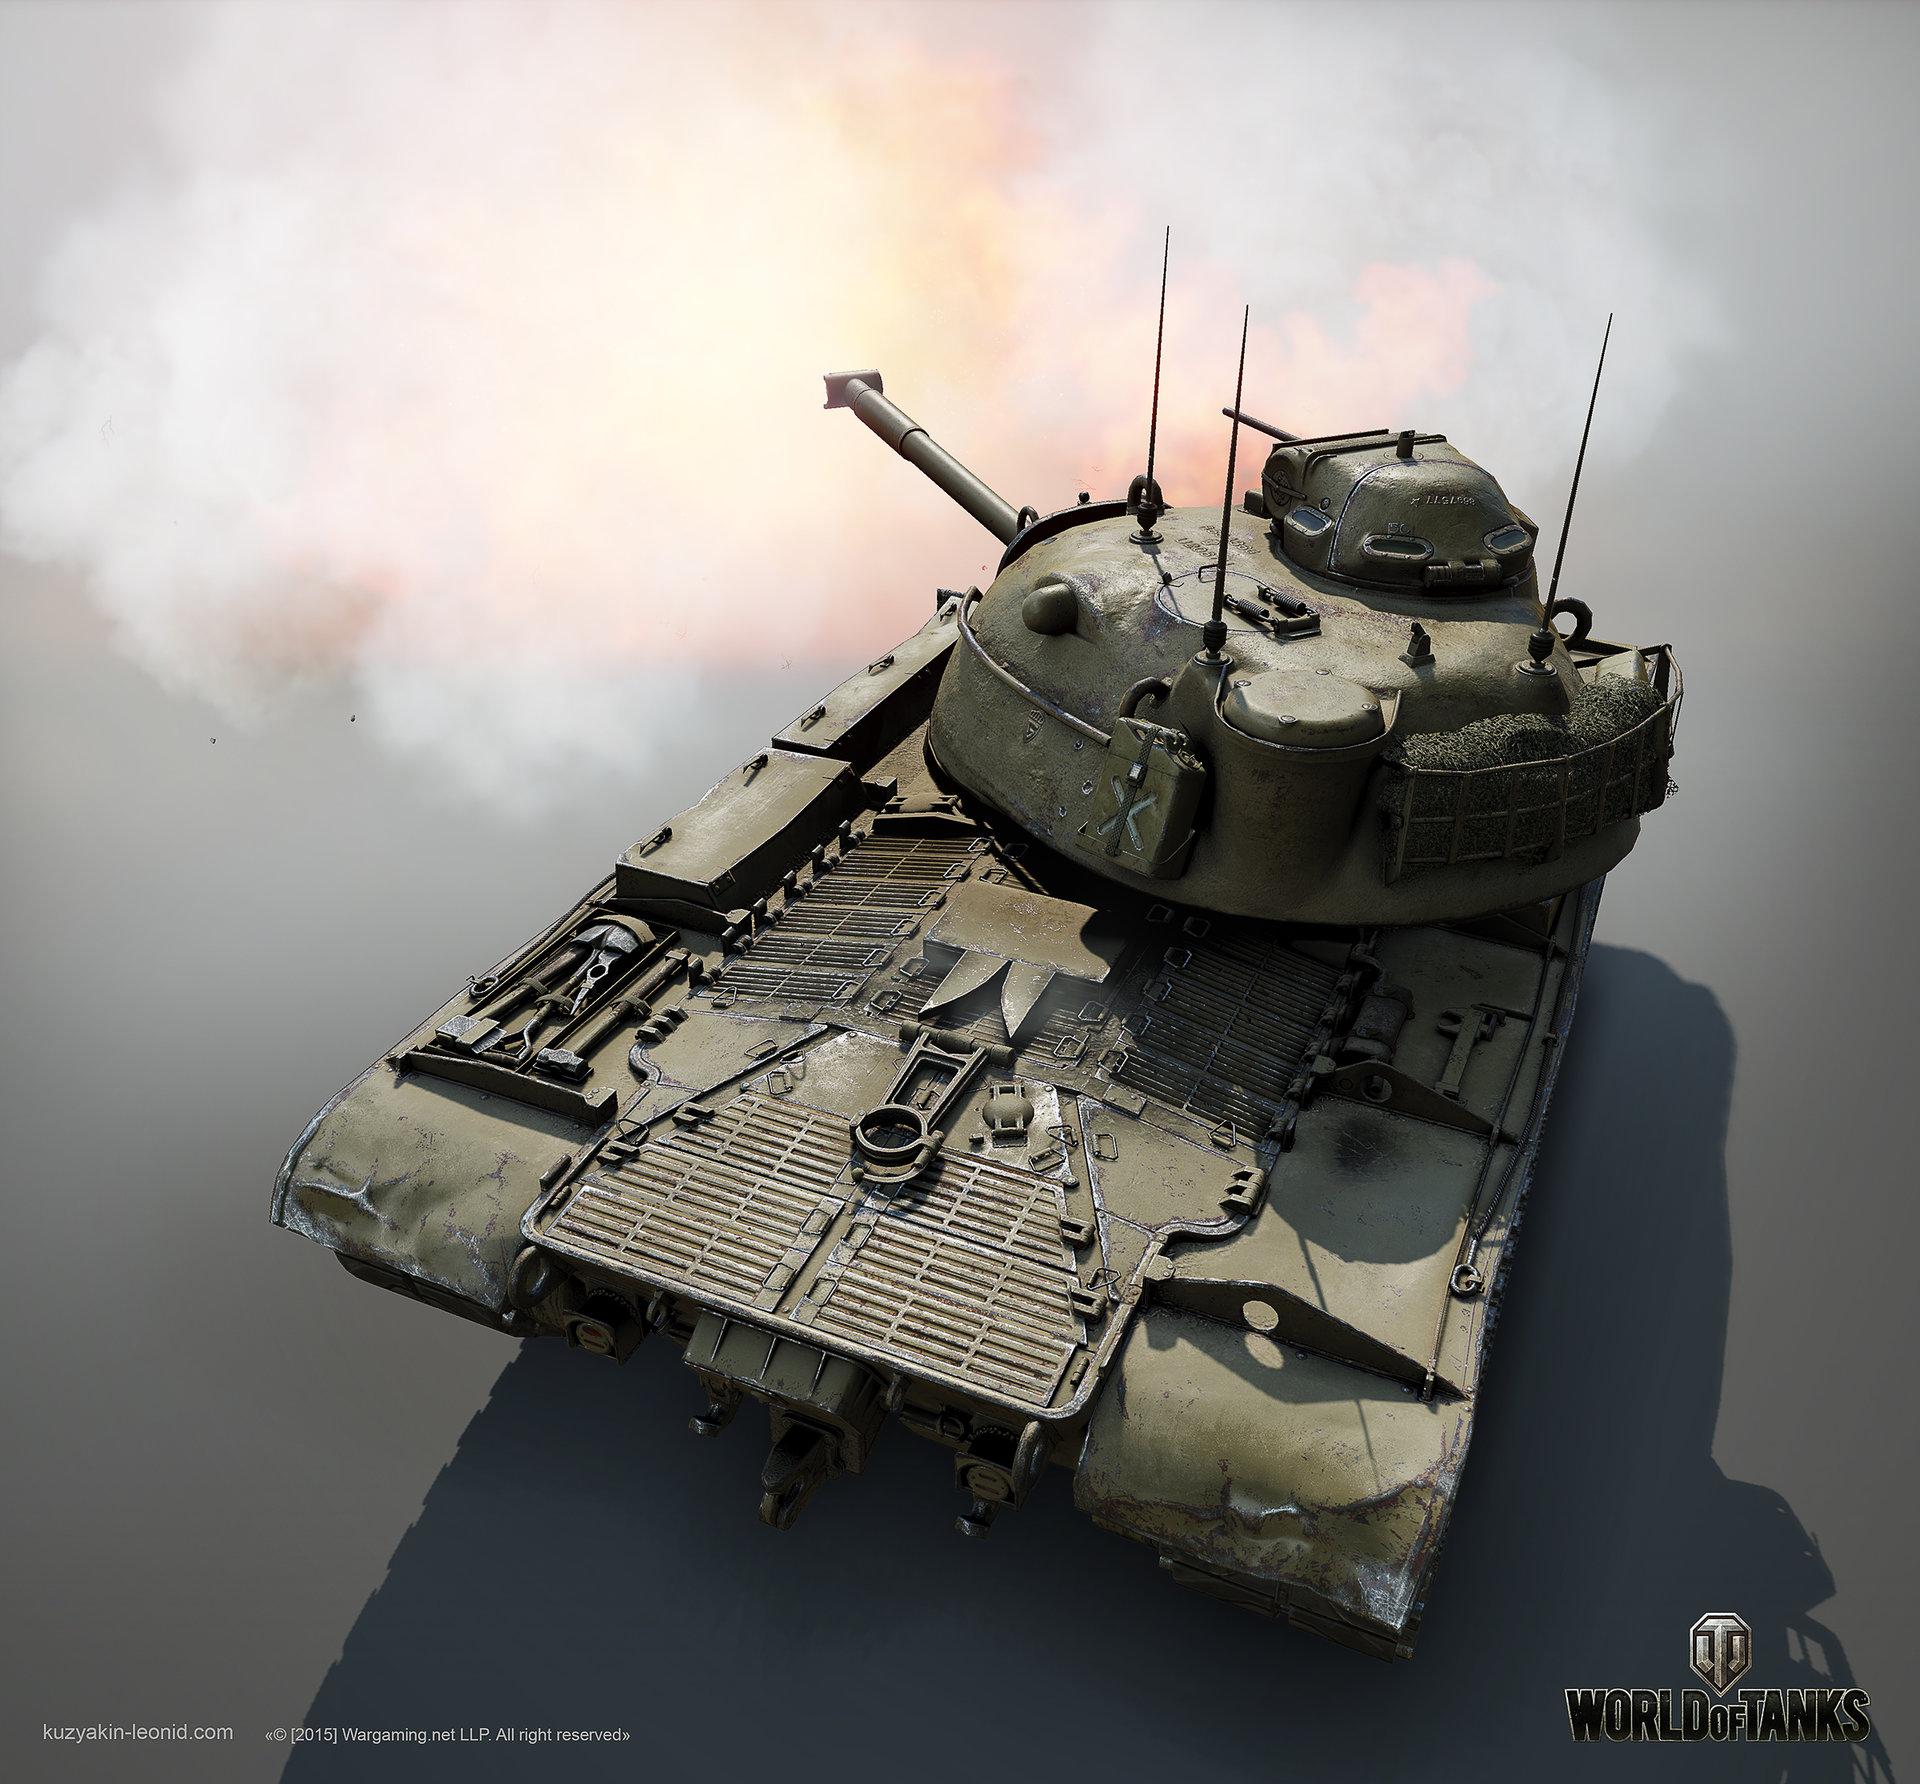 Leonid kuzyakin patton m48a1 04